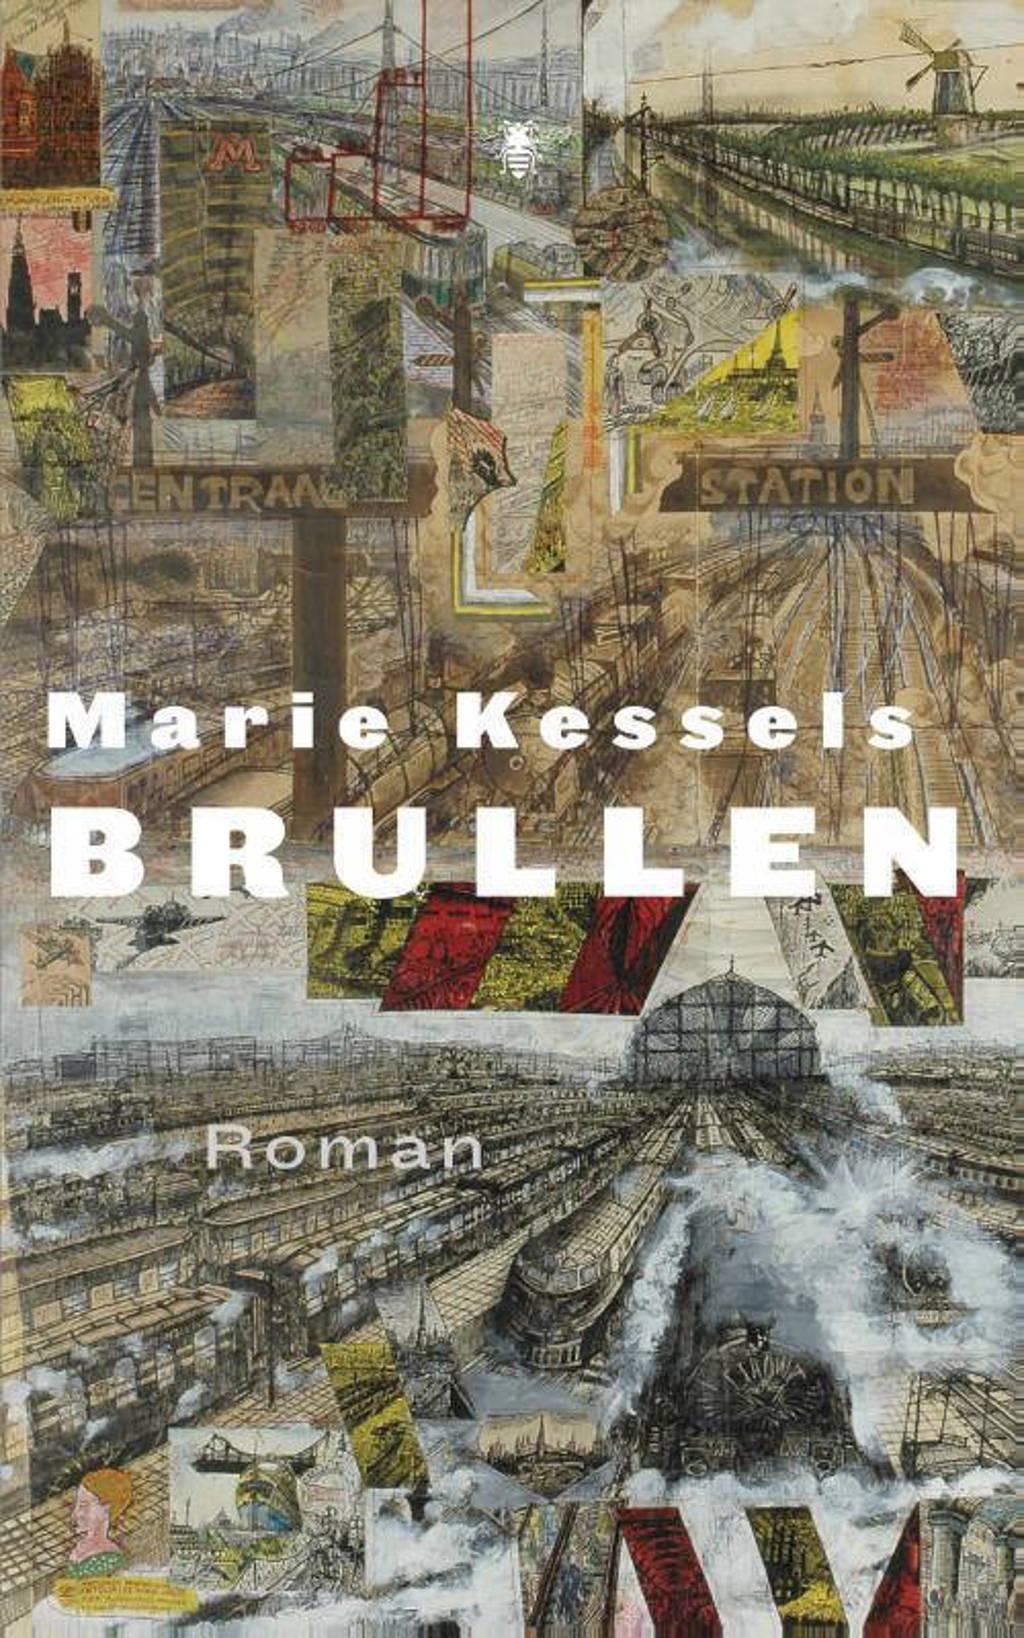 Brullen - Marie Kessels